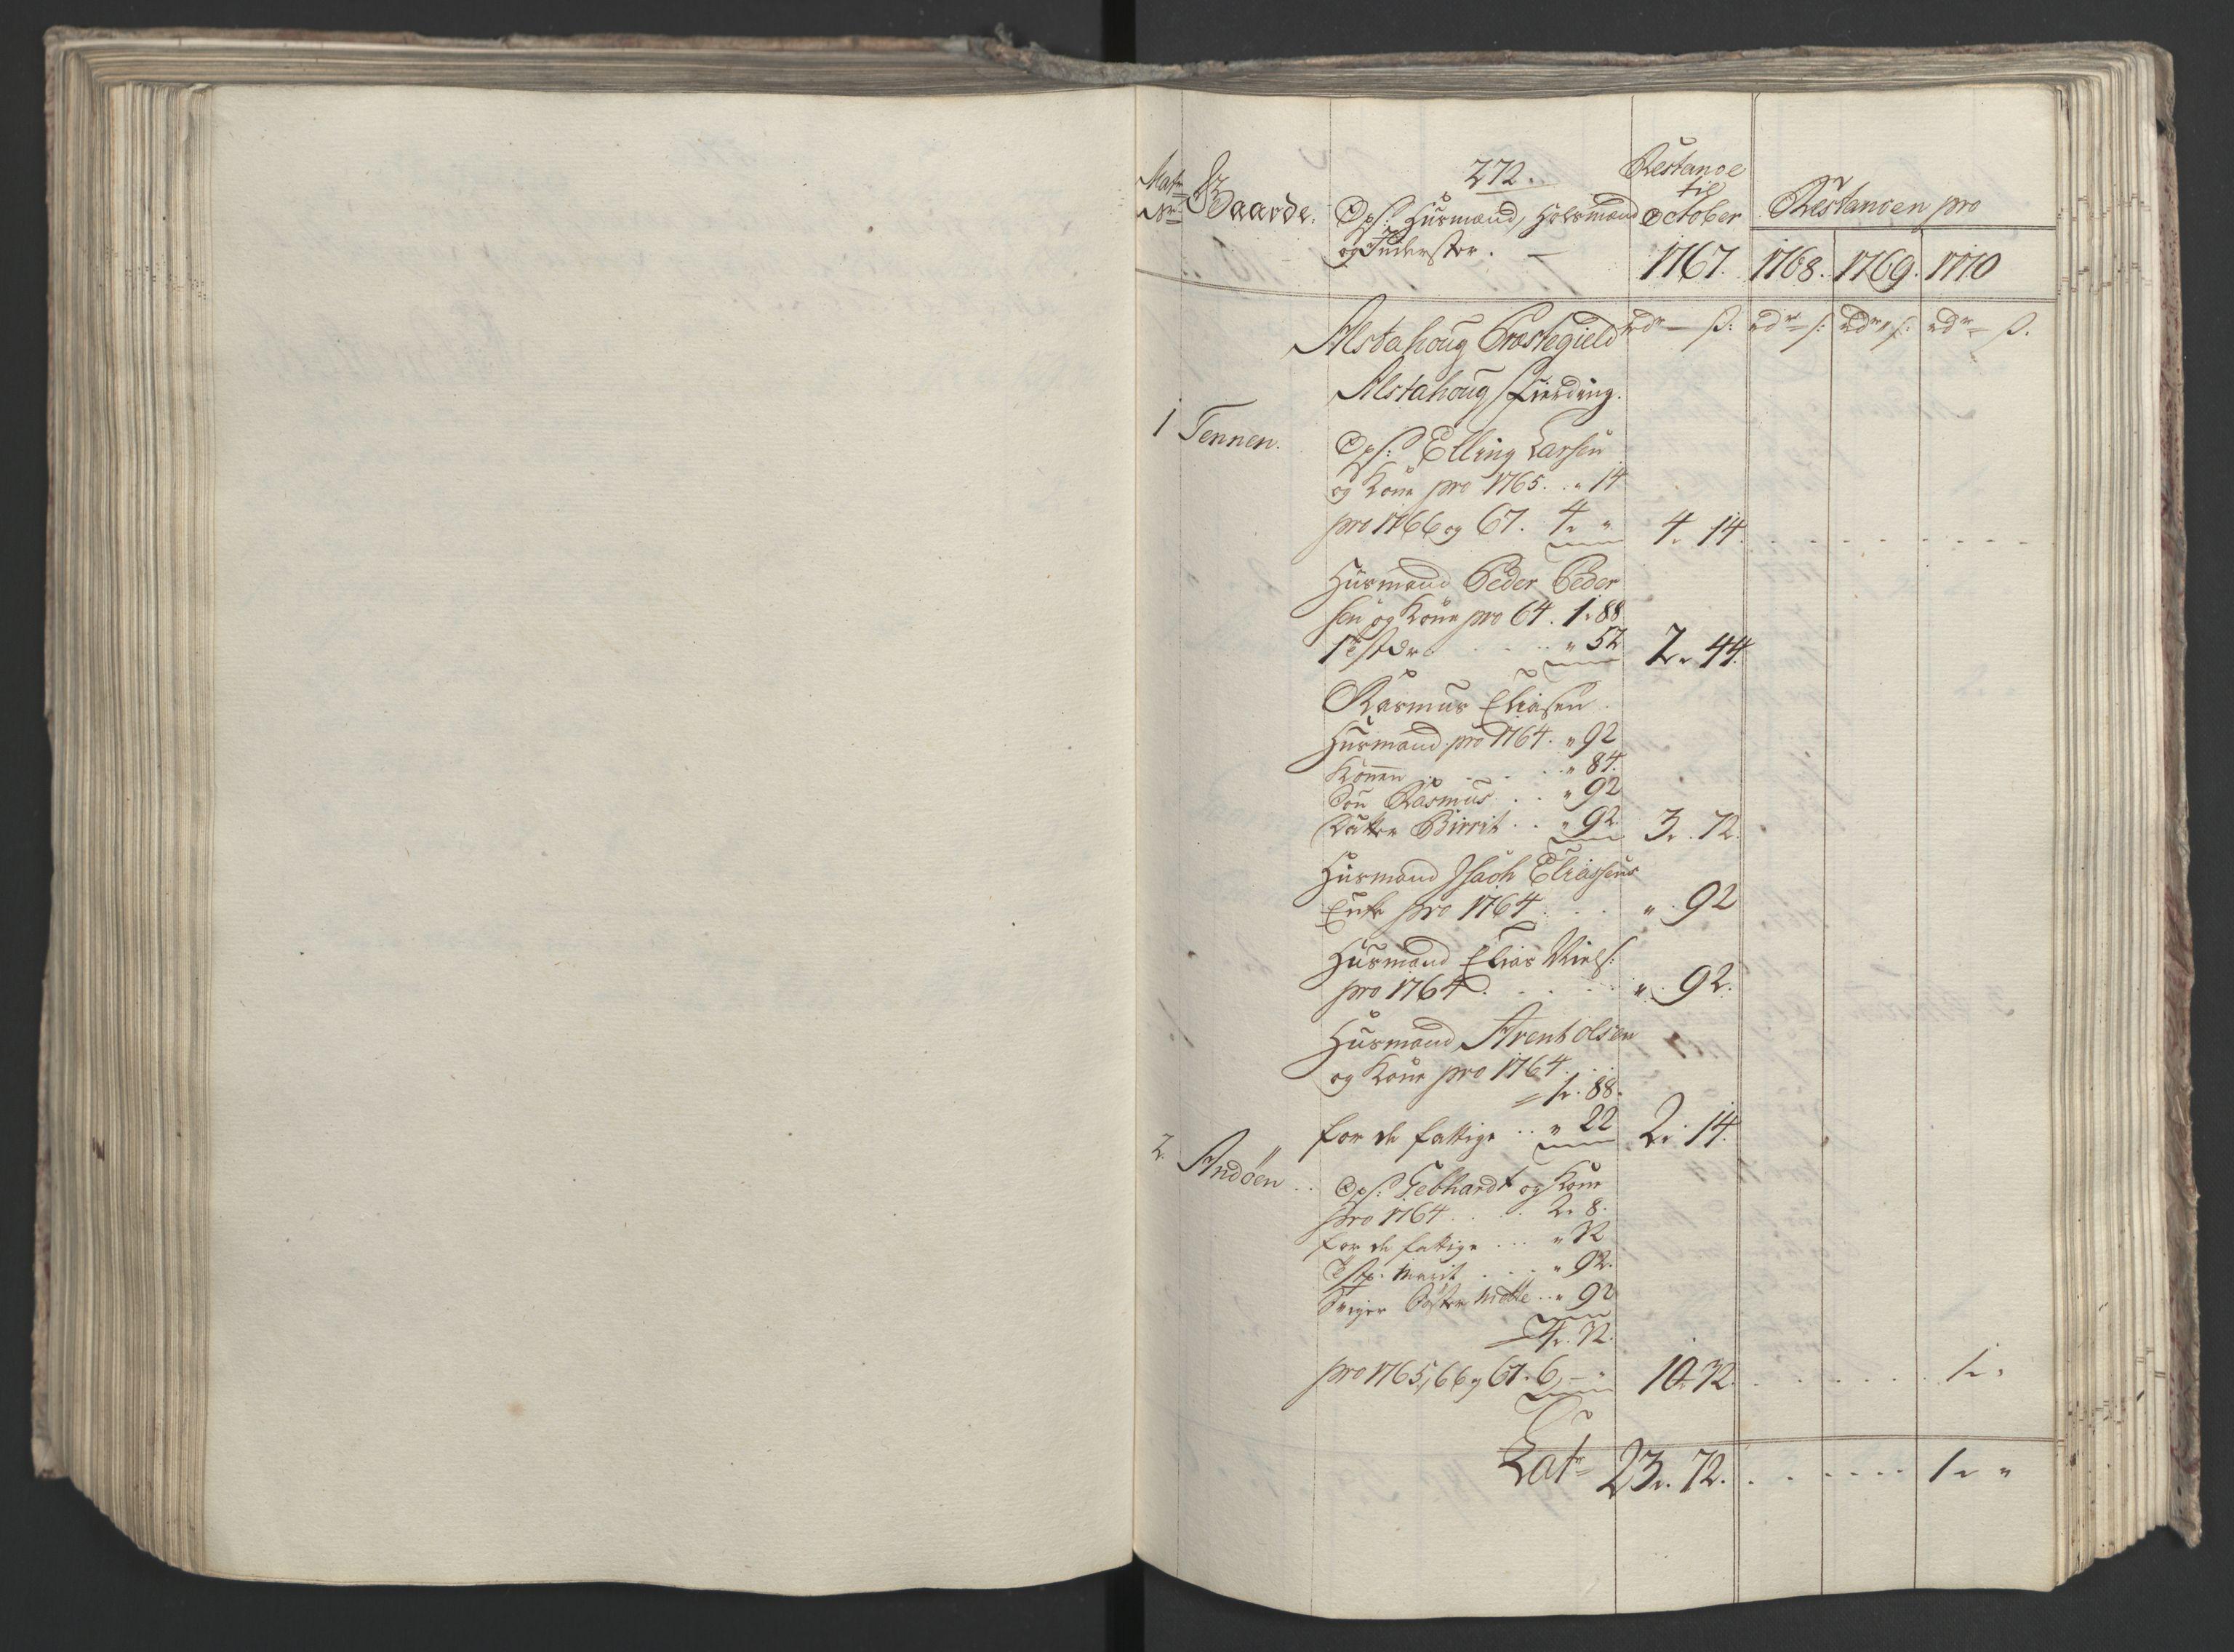 RA, Rentekammeret inntil 1814, Realistisk ordnet avdeling, Ol/L0023: [Gg 10]: Ekstraskatten, 23.09.1762. Helgeland (restanseregister), 1767-1772, s. 531